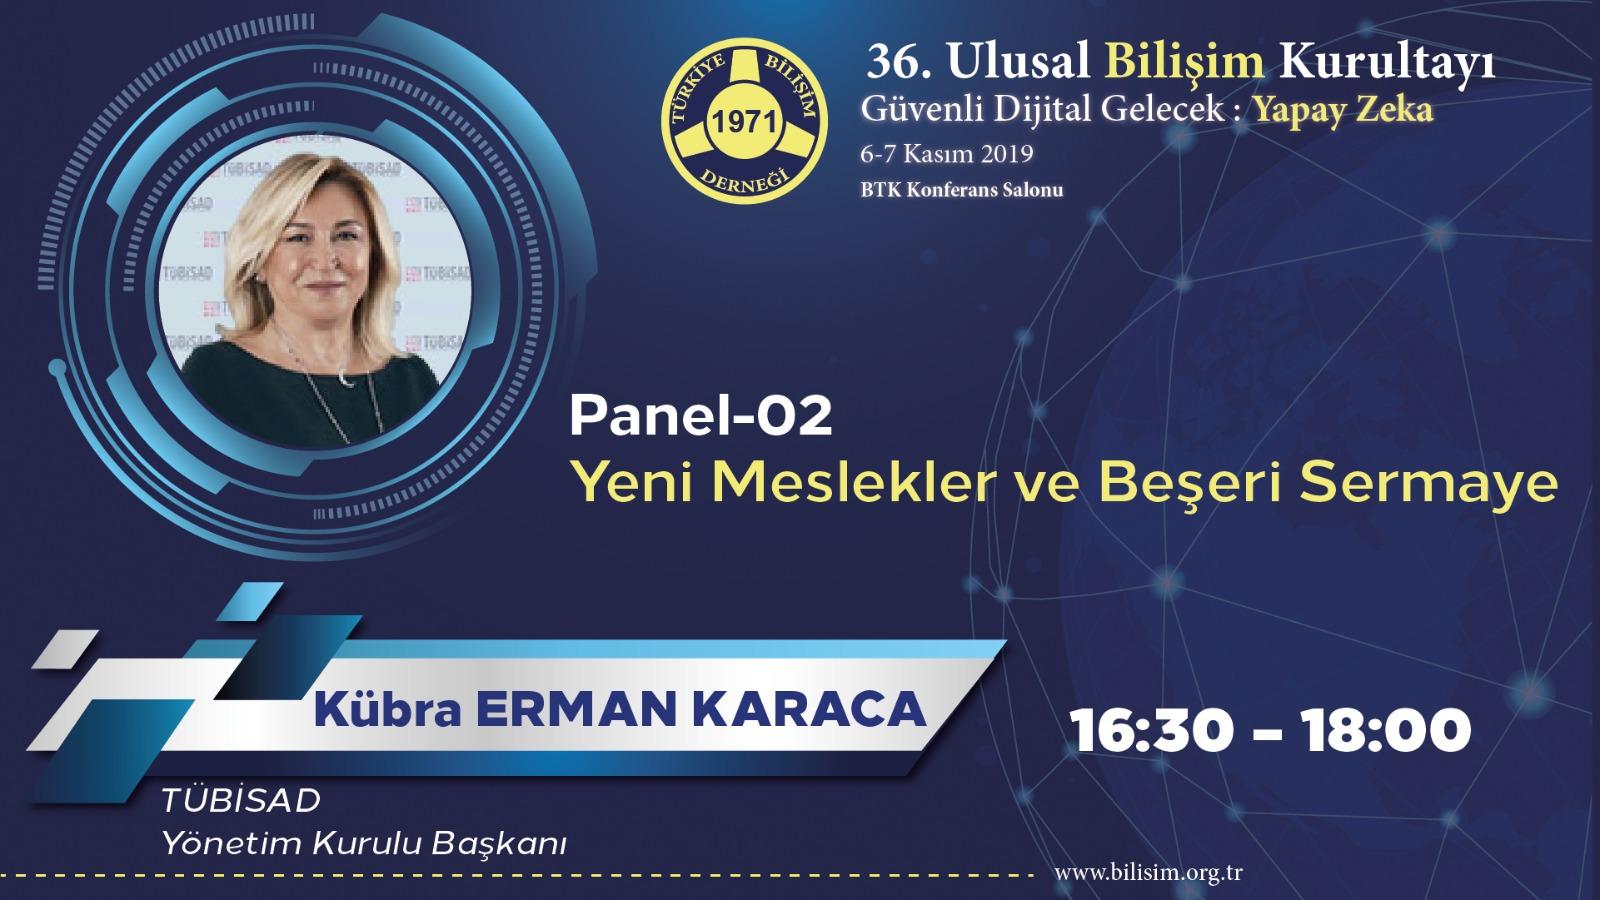 Kübra ERMAN KARACA - 36. Ulusal Bilişim Kurultayı